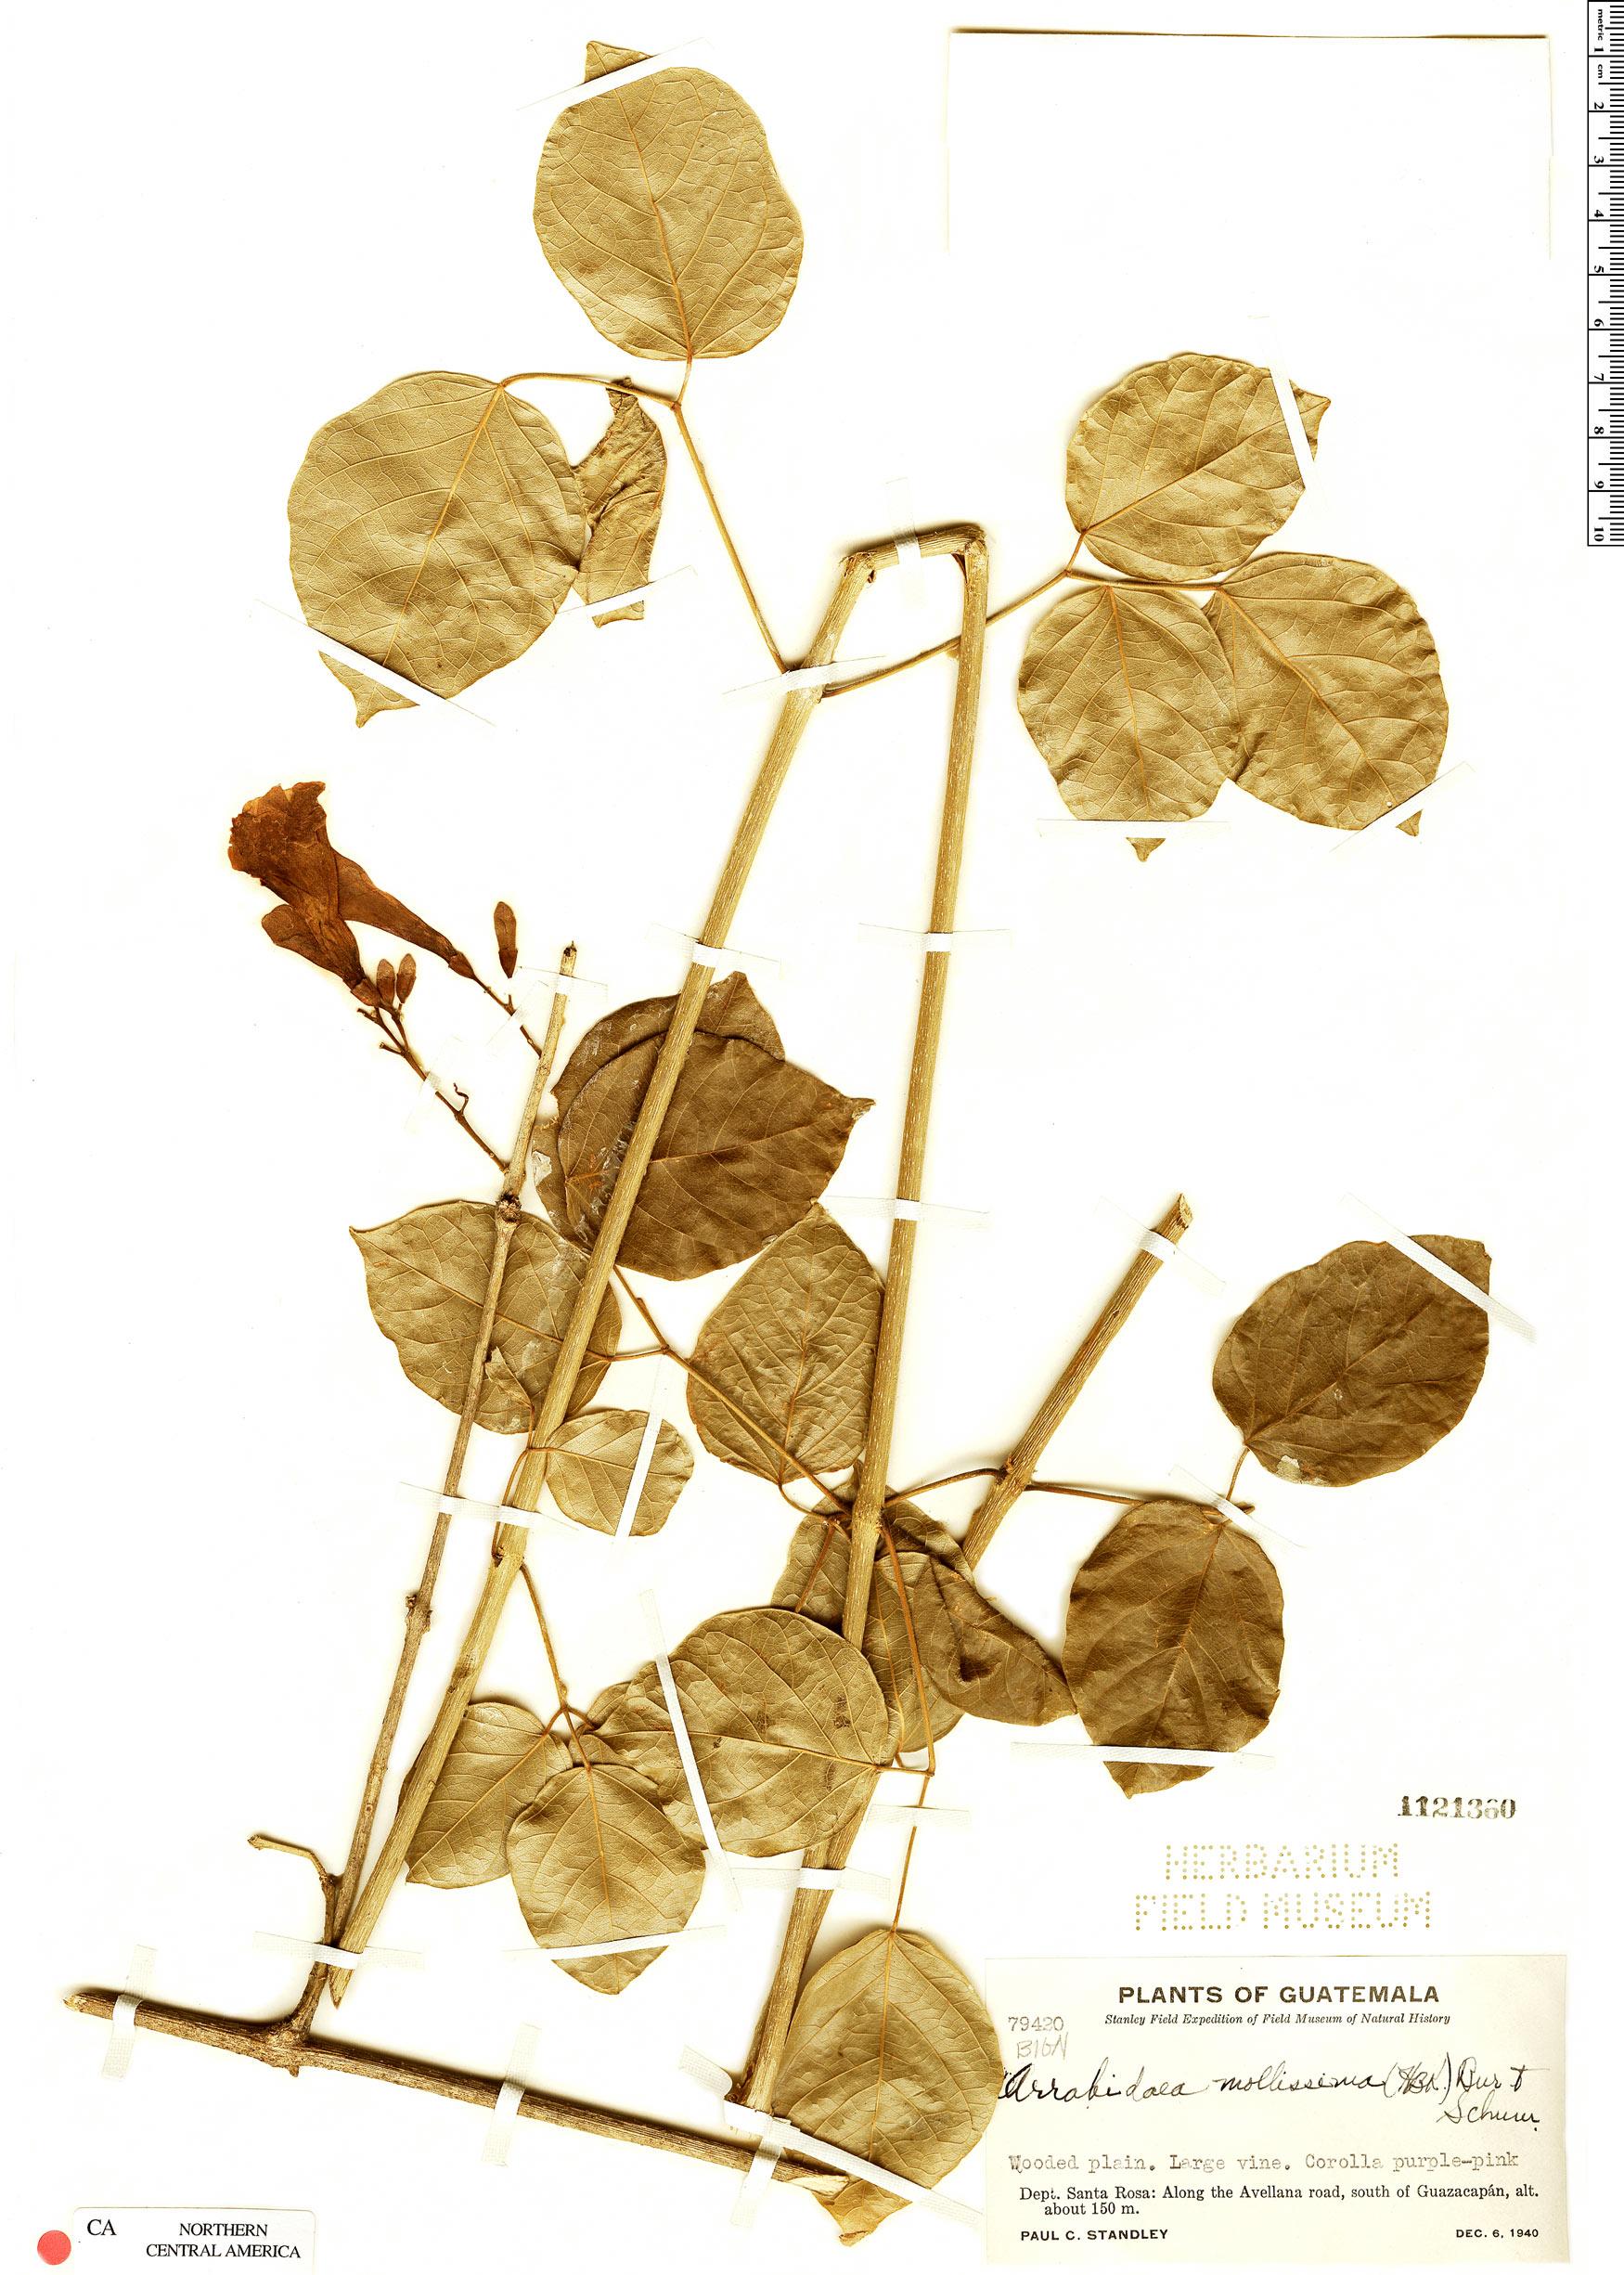 Specimen: Fridericia mollissima